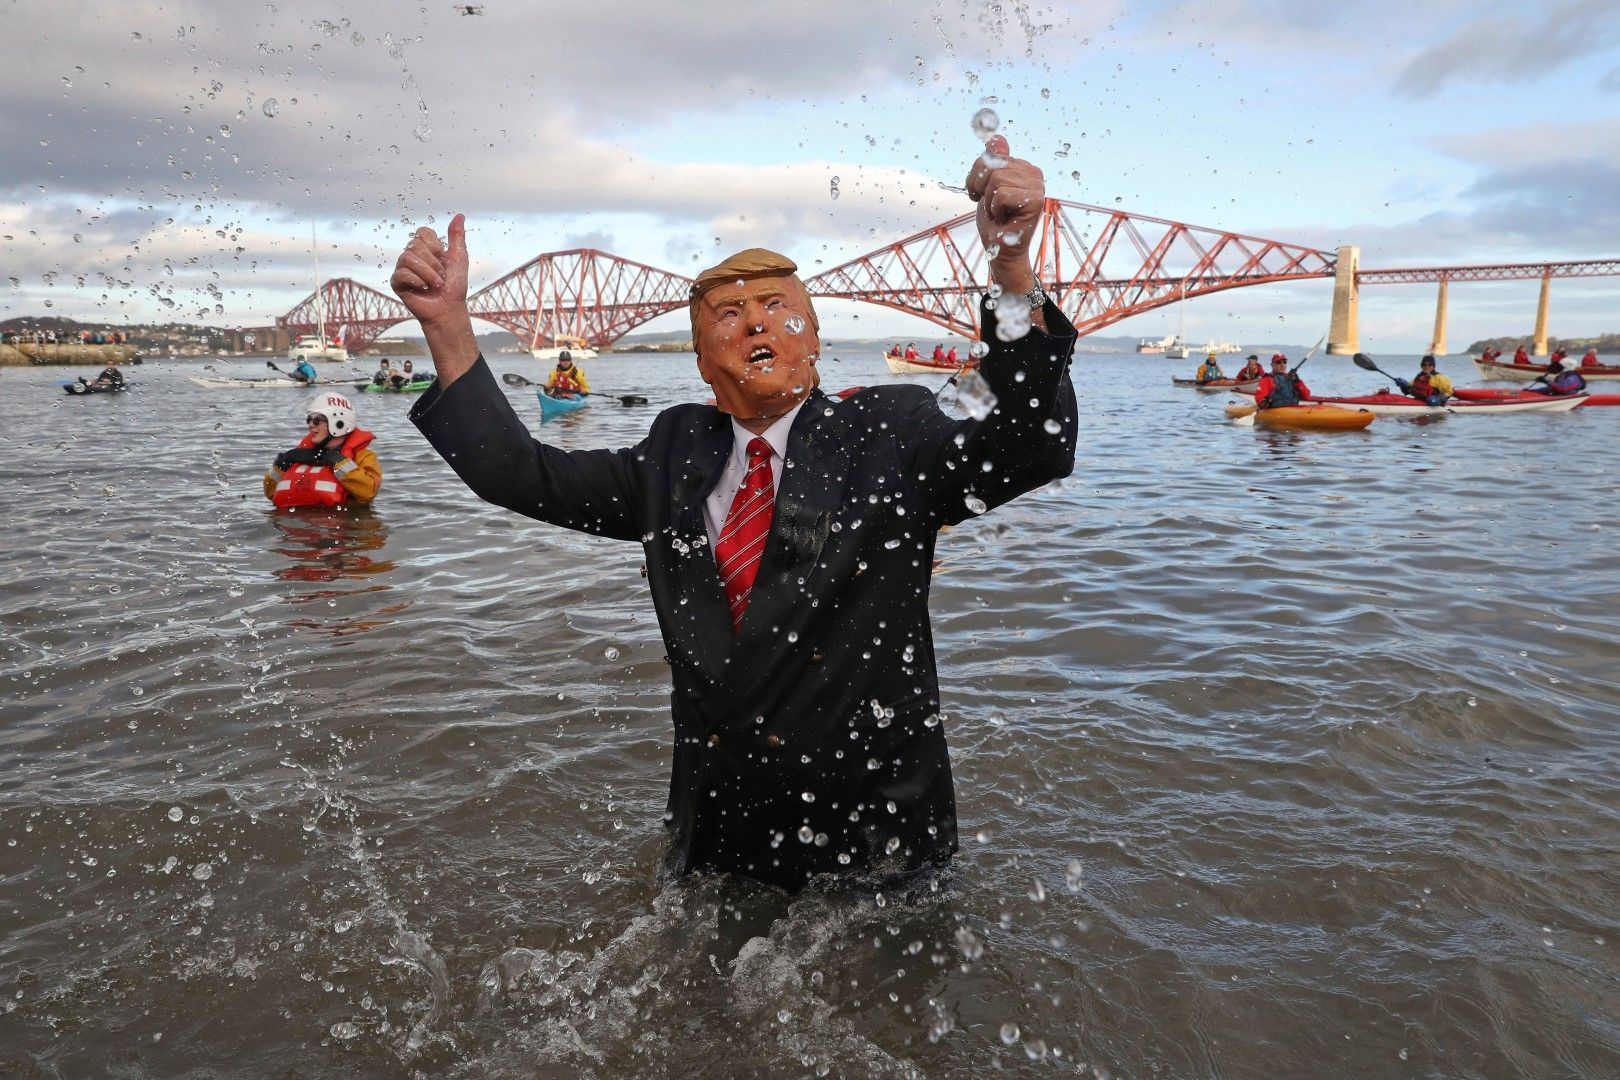 Един от ентусиастите се беше маскирал като Доналд Тръмп